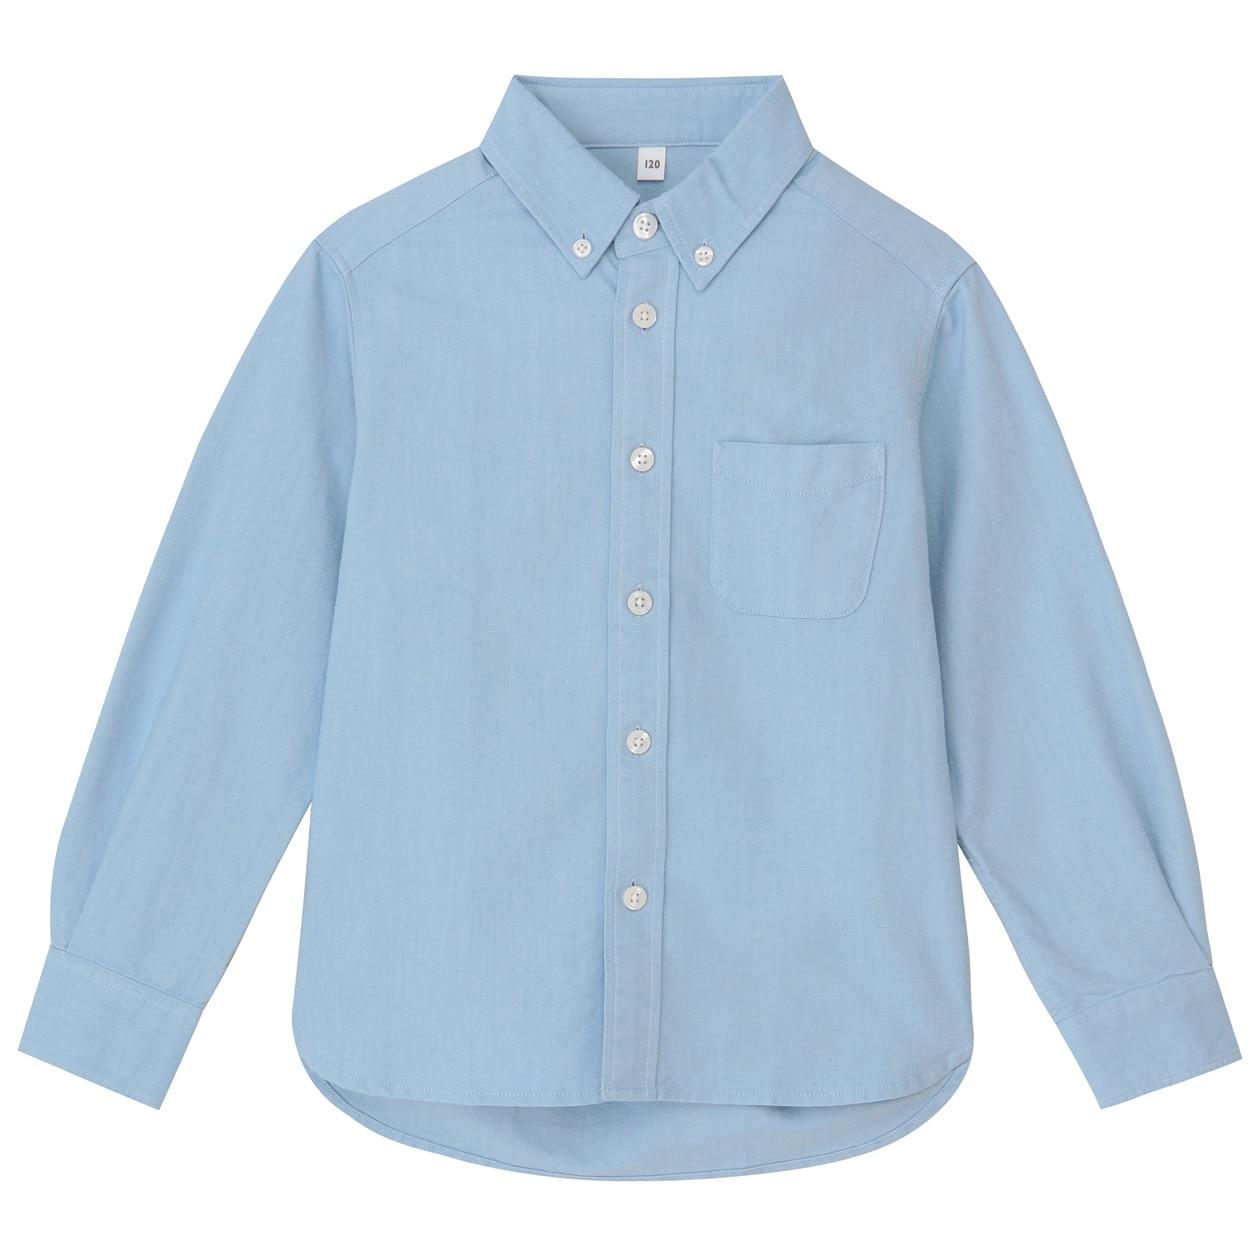 Organic Cotton Oxford Button Down Shirt Kids Muji